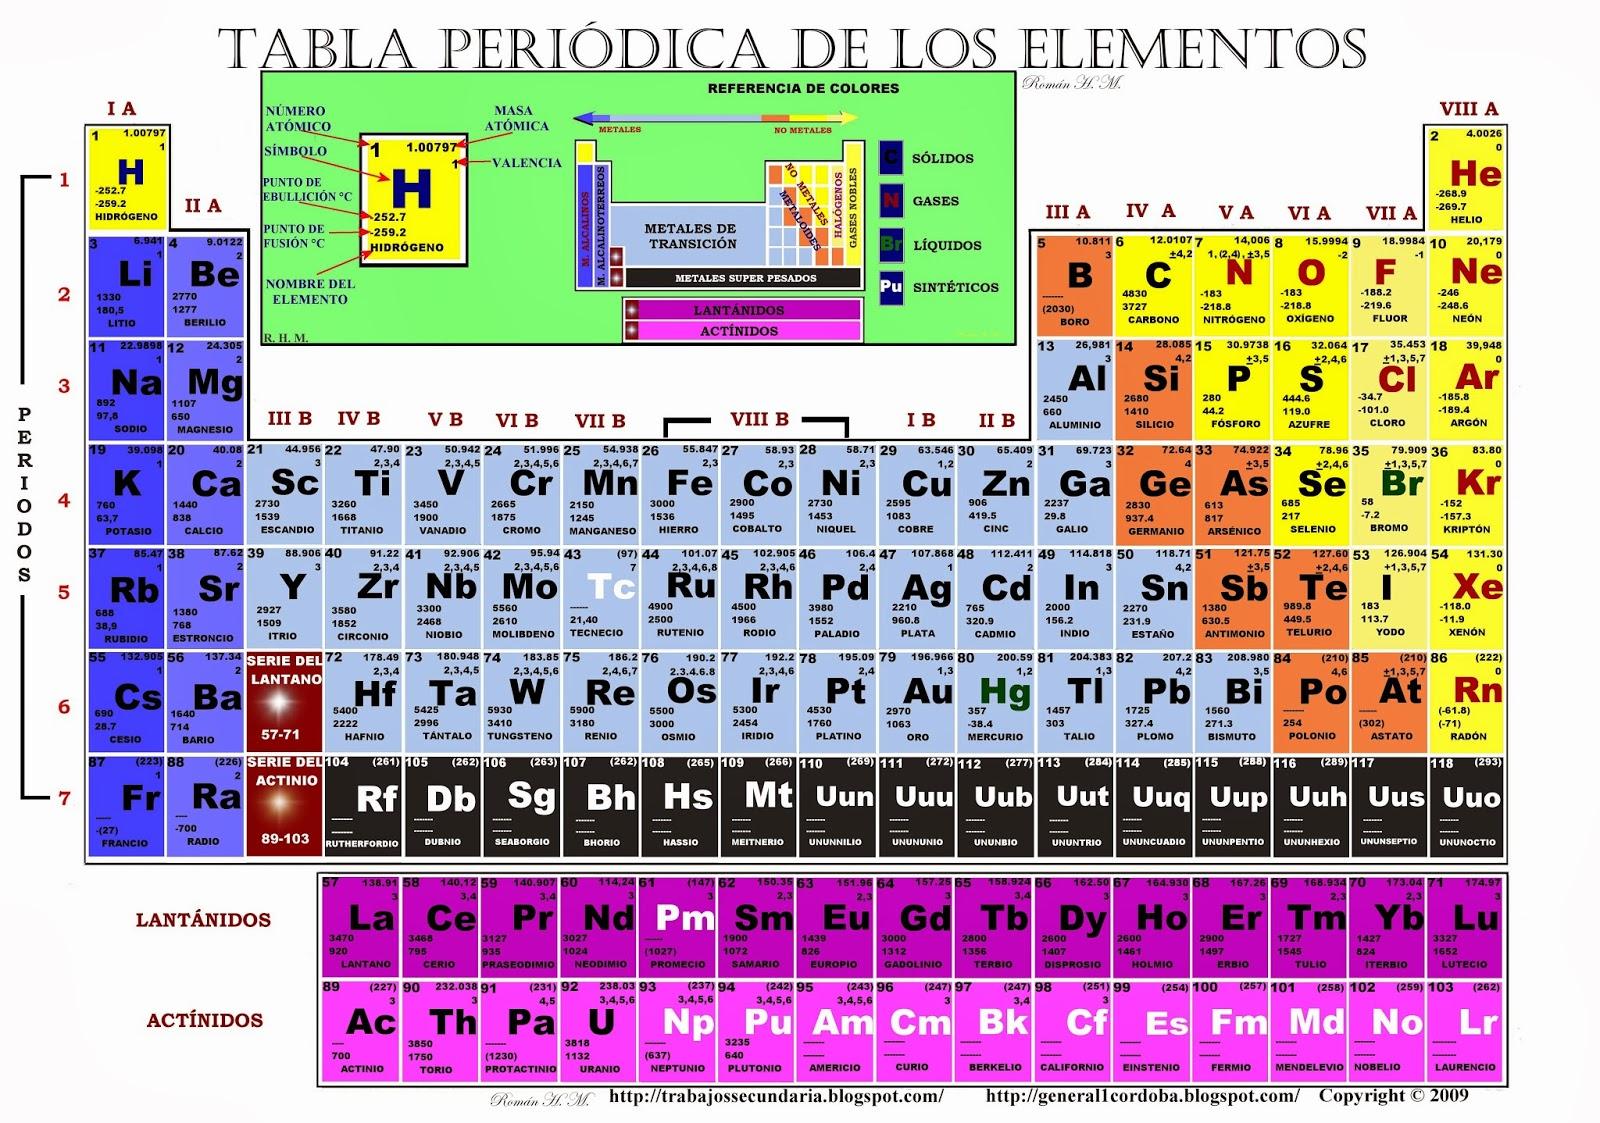 Trabajos escolares tics tabla periodica de los elementos como complemento a la tabla peridica ilustrada de la publicacin anterior aqui publico la tabla peridica de los elementos qumicos la cual esta diseada urtaz Gallery